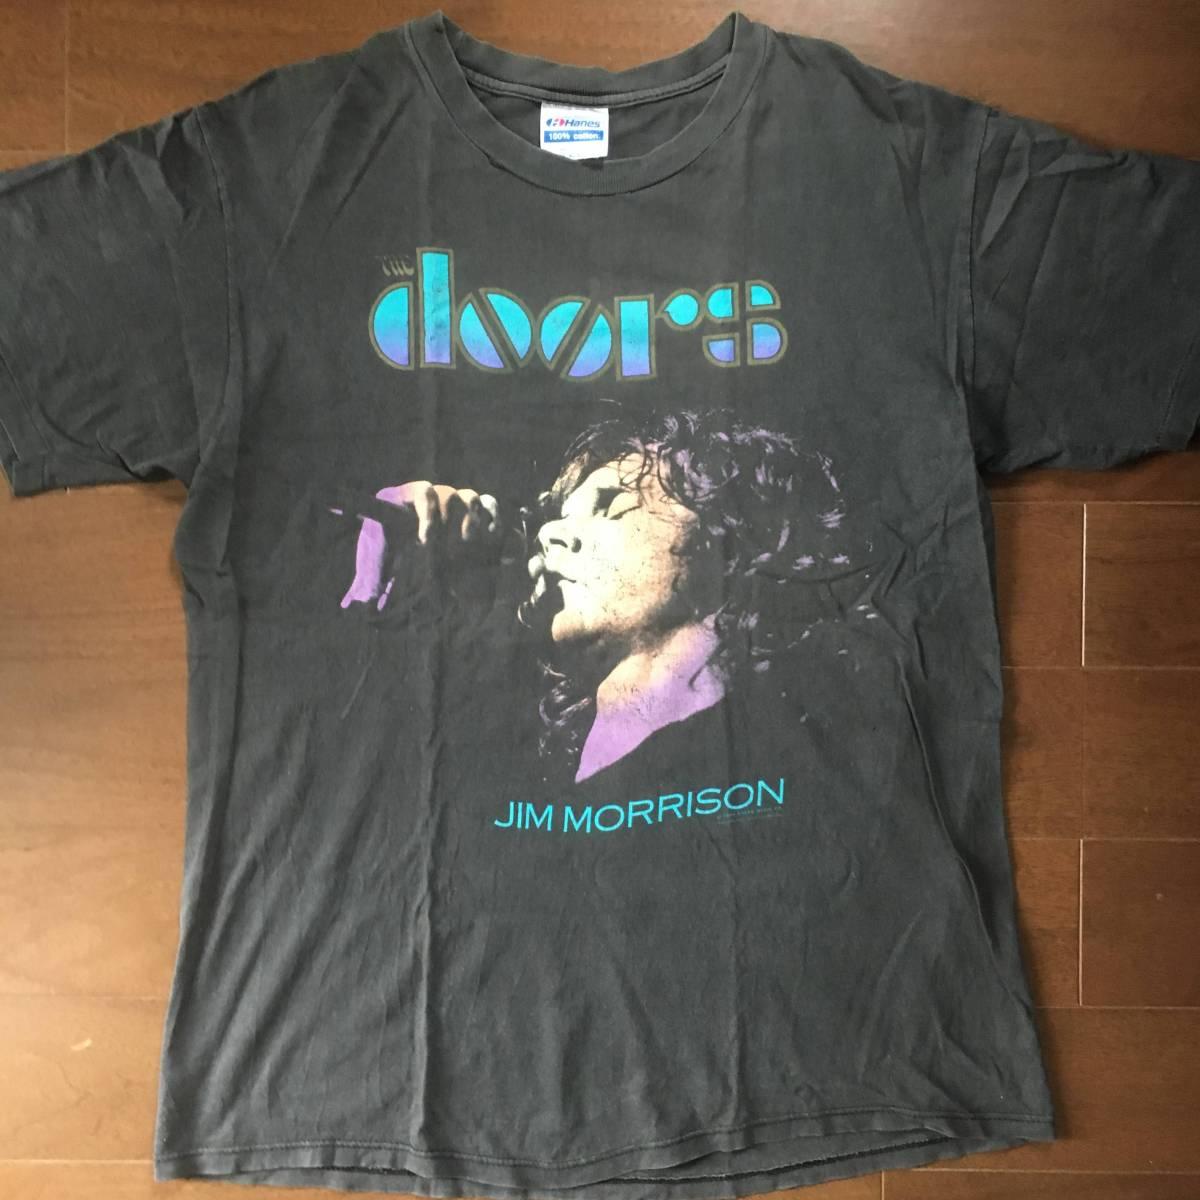 ビンテージ 激レア ロックTシャツ THE DOORS ドアーズ JIM MORRISON ジムモリソン 1990 黒 古着 バンドTシャツ vintage USA 希少 stones